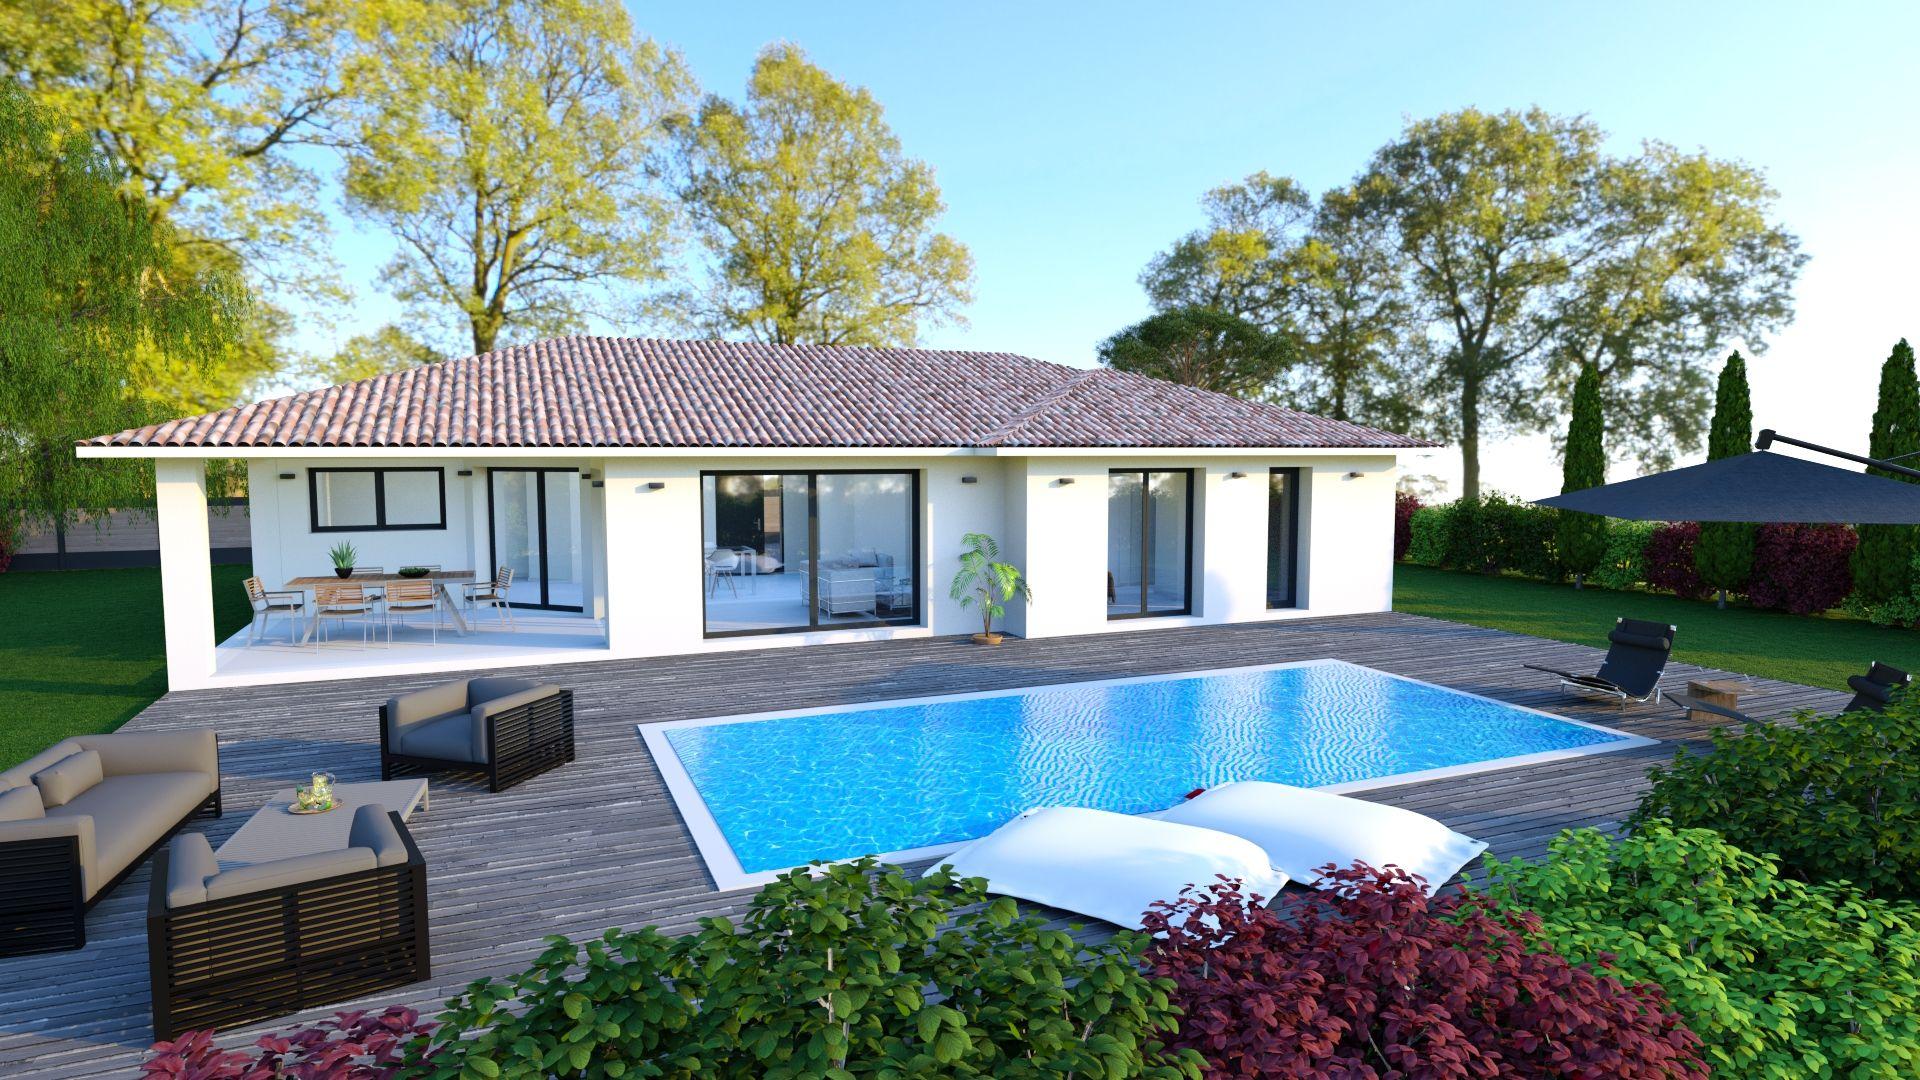 Accueil - Clairlande, Constructeur maison contemporaine | Constructeur maison, Construction ...